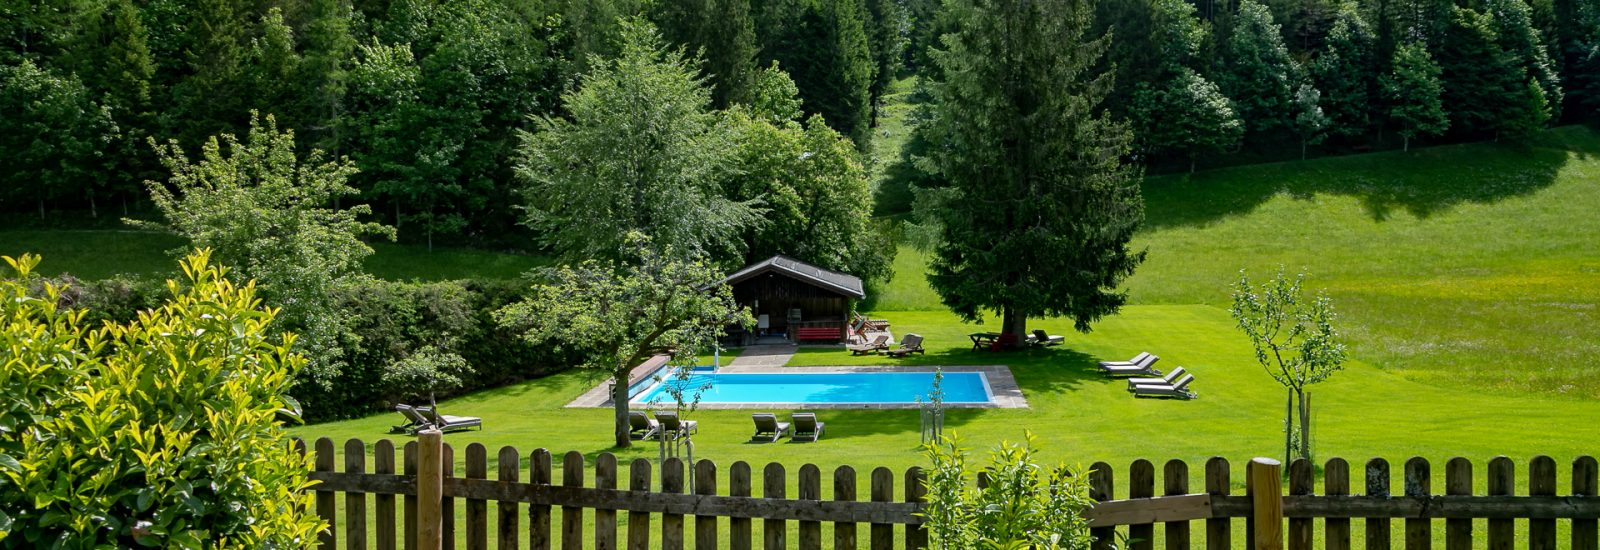 Hochlackenhof Fuschl am See